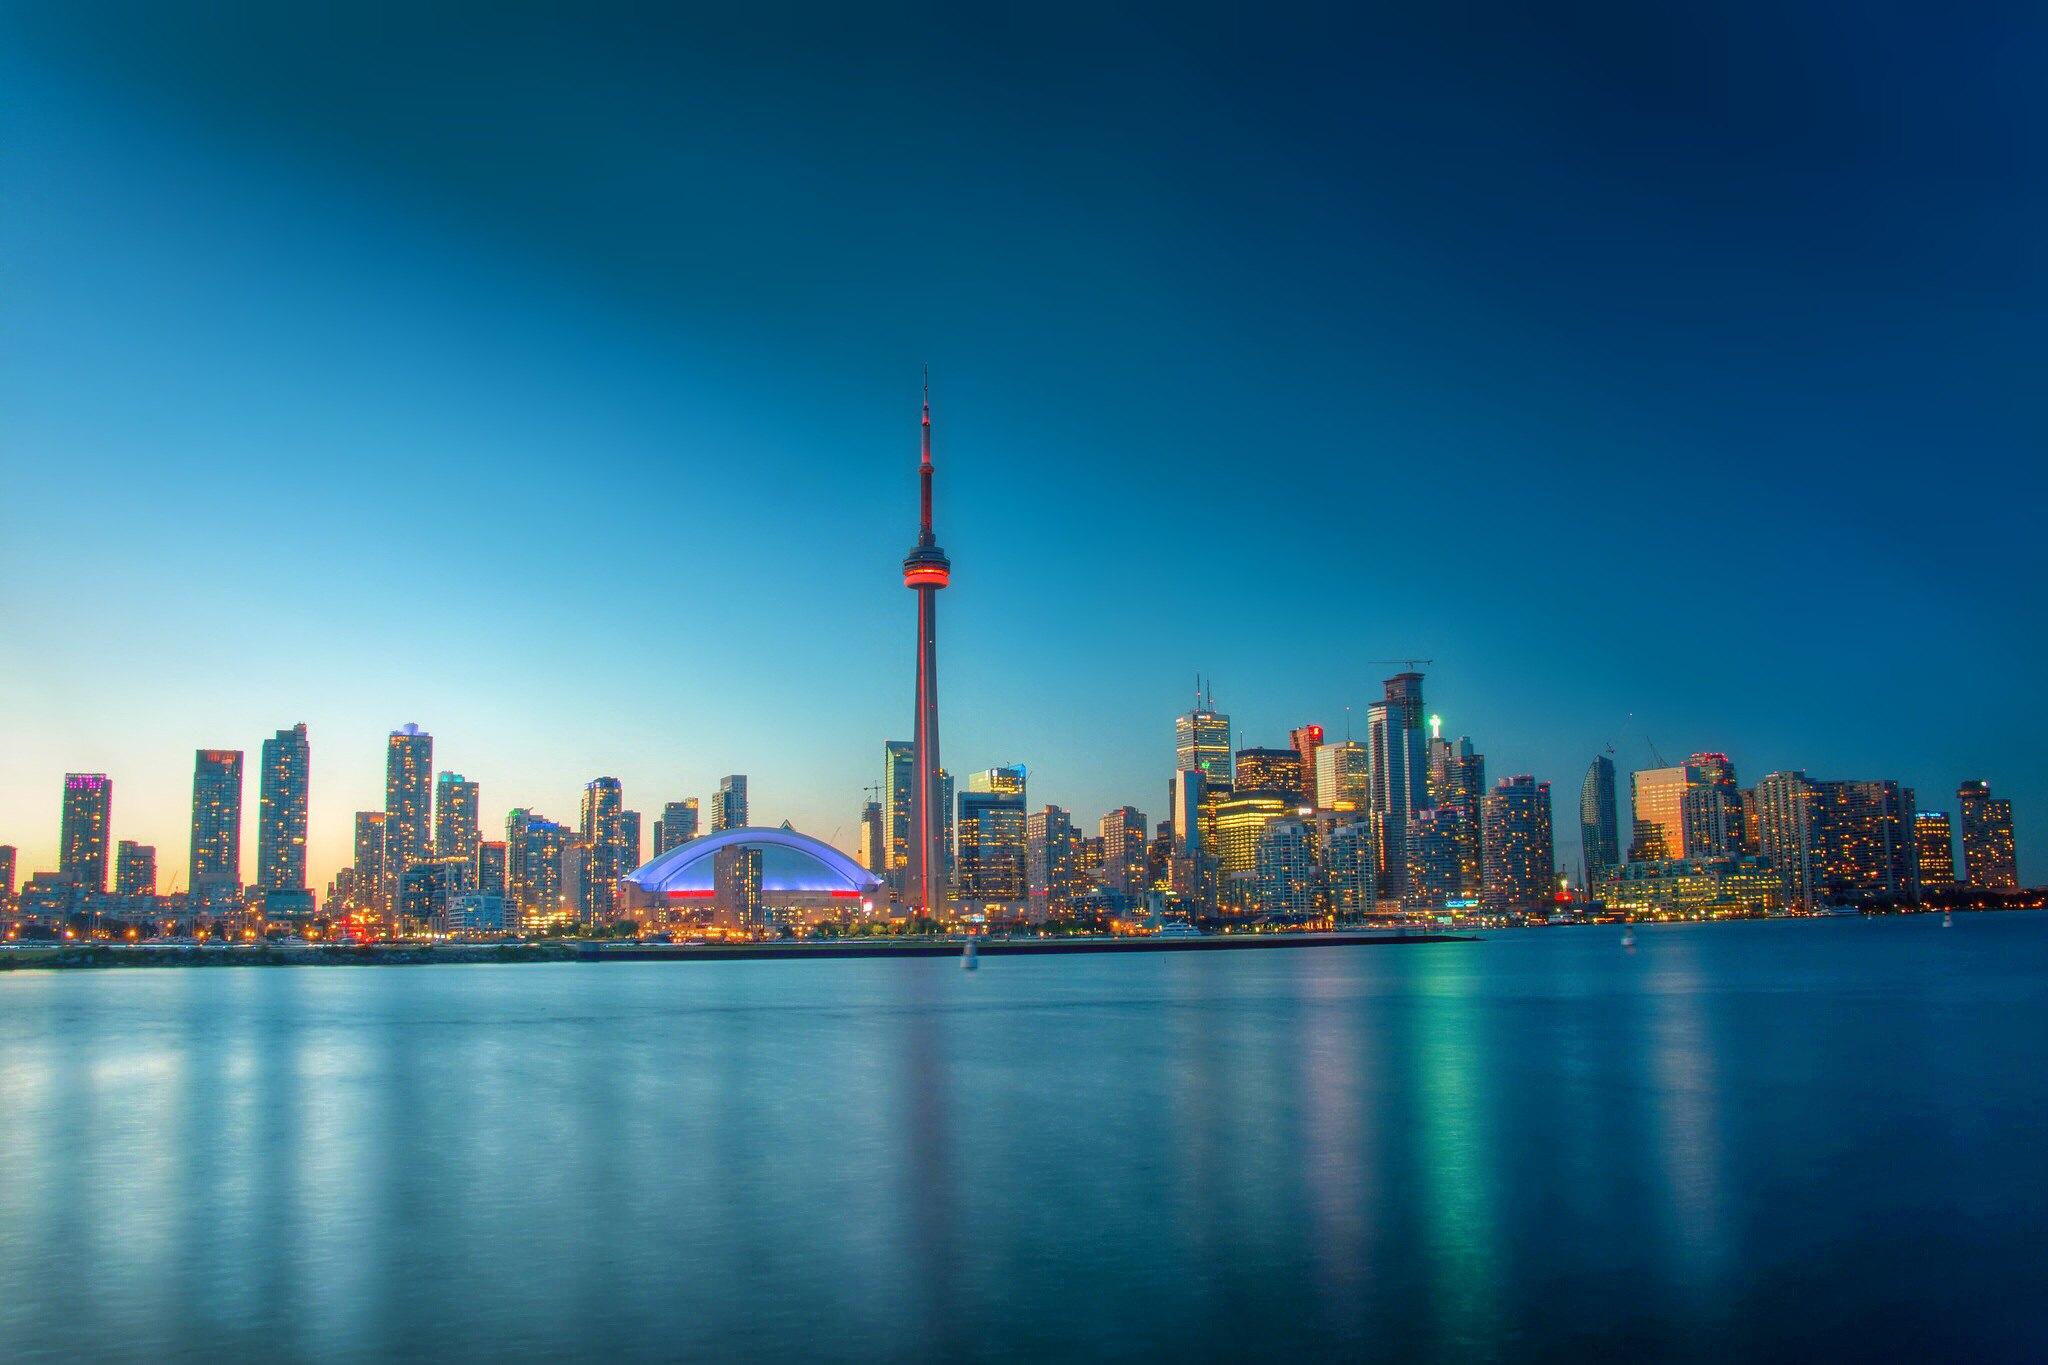 Vista da CN Tower, Toronto, Canadá